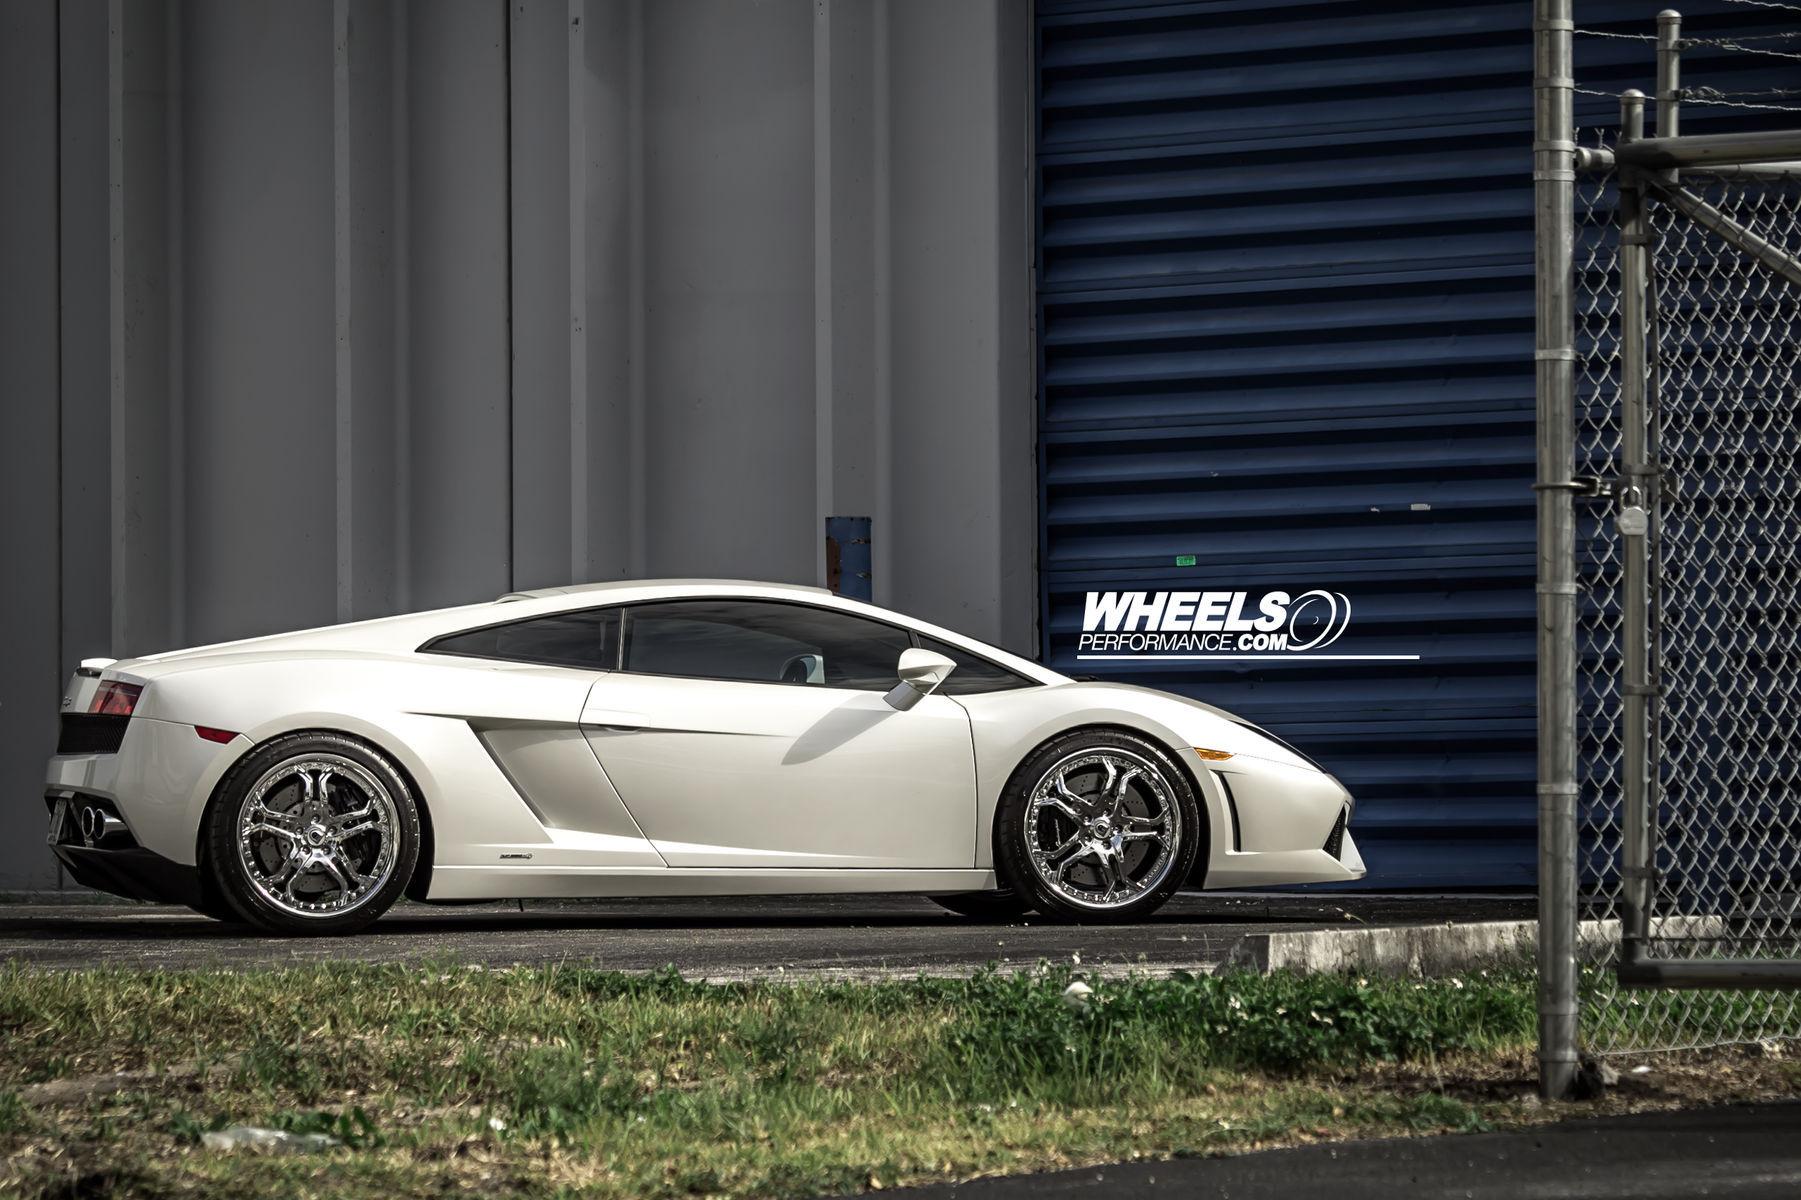 2009 Lamborghini Gallardo   OUR CLIENT'S LAMBORGHINI GALLARDO WITH 19